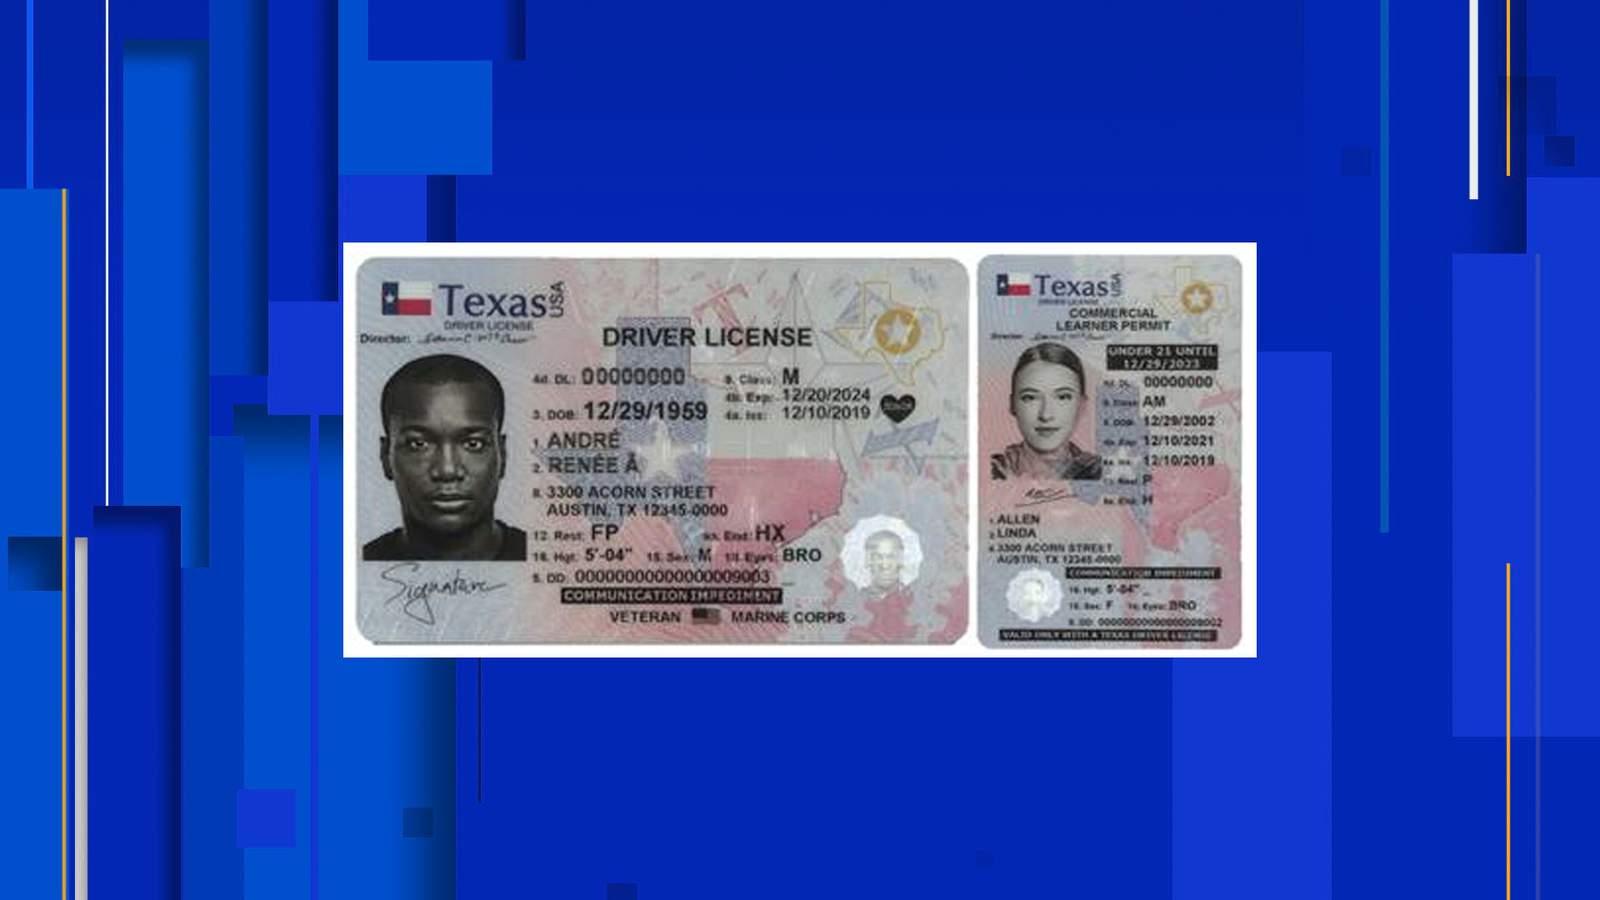 Texas lanza nueva licencia de conducir, diseño de tarjeta de identificación 10